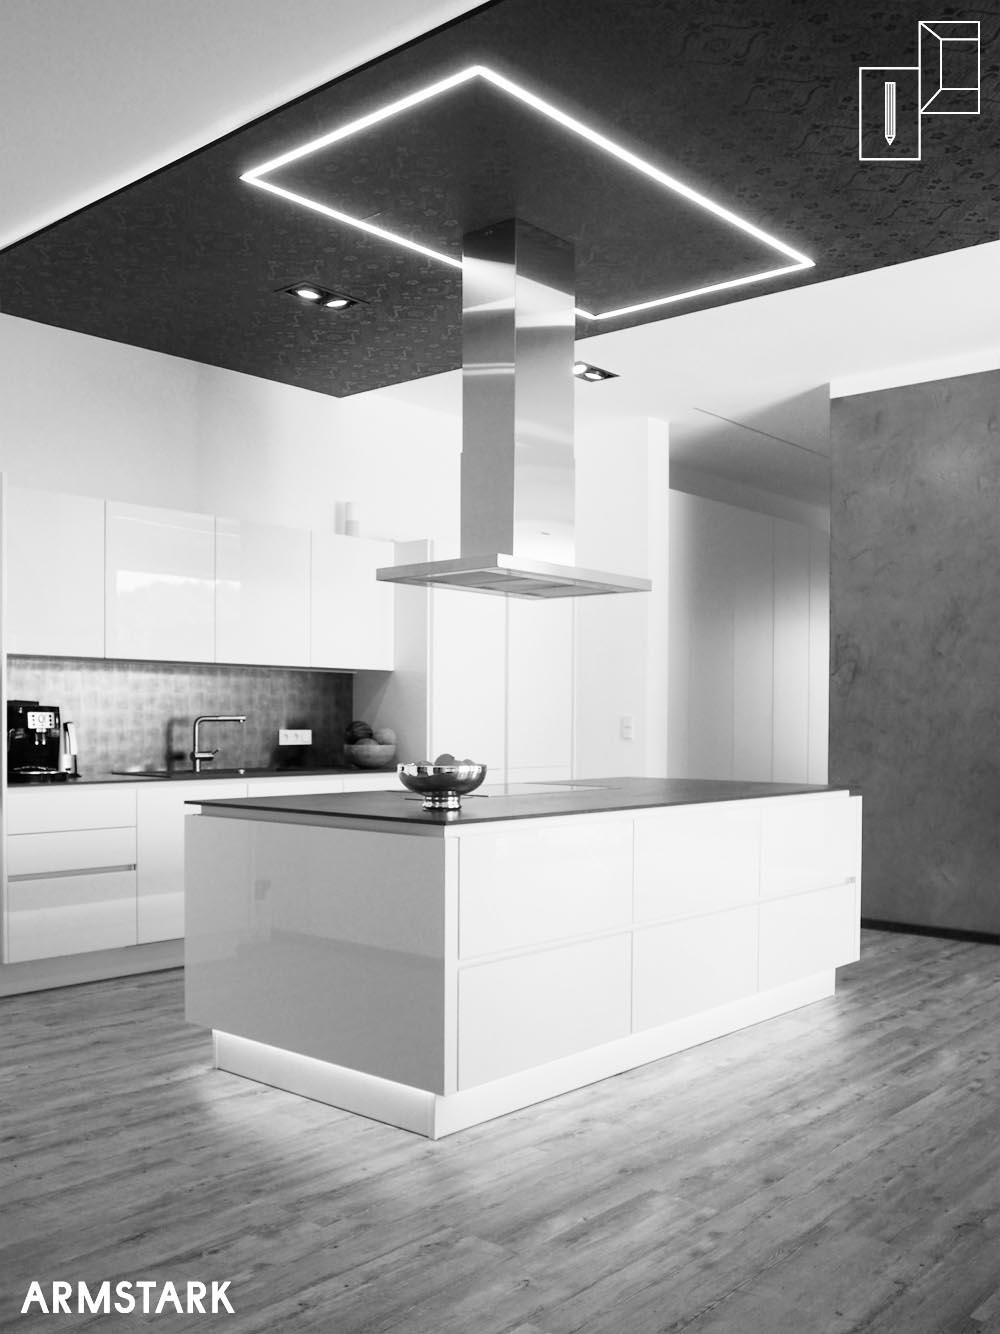 Küchenblock mit optimierter Beleuchtung